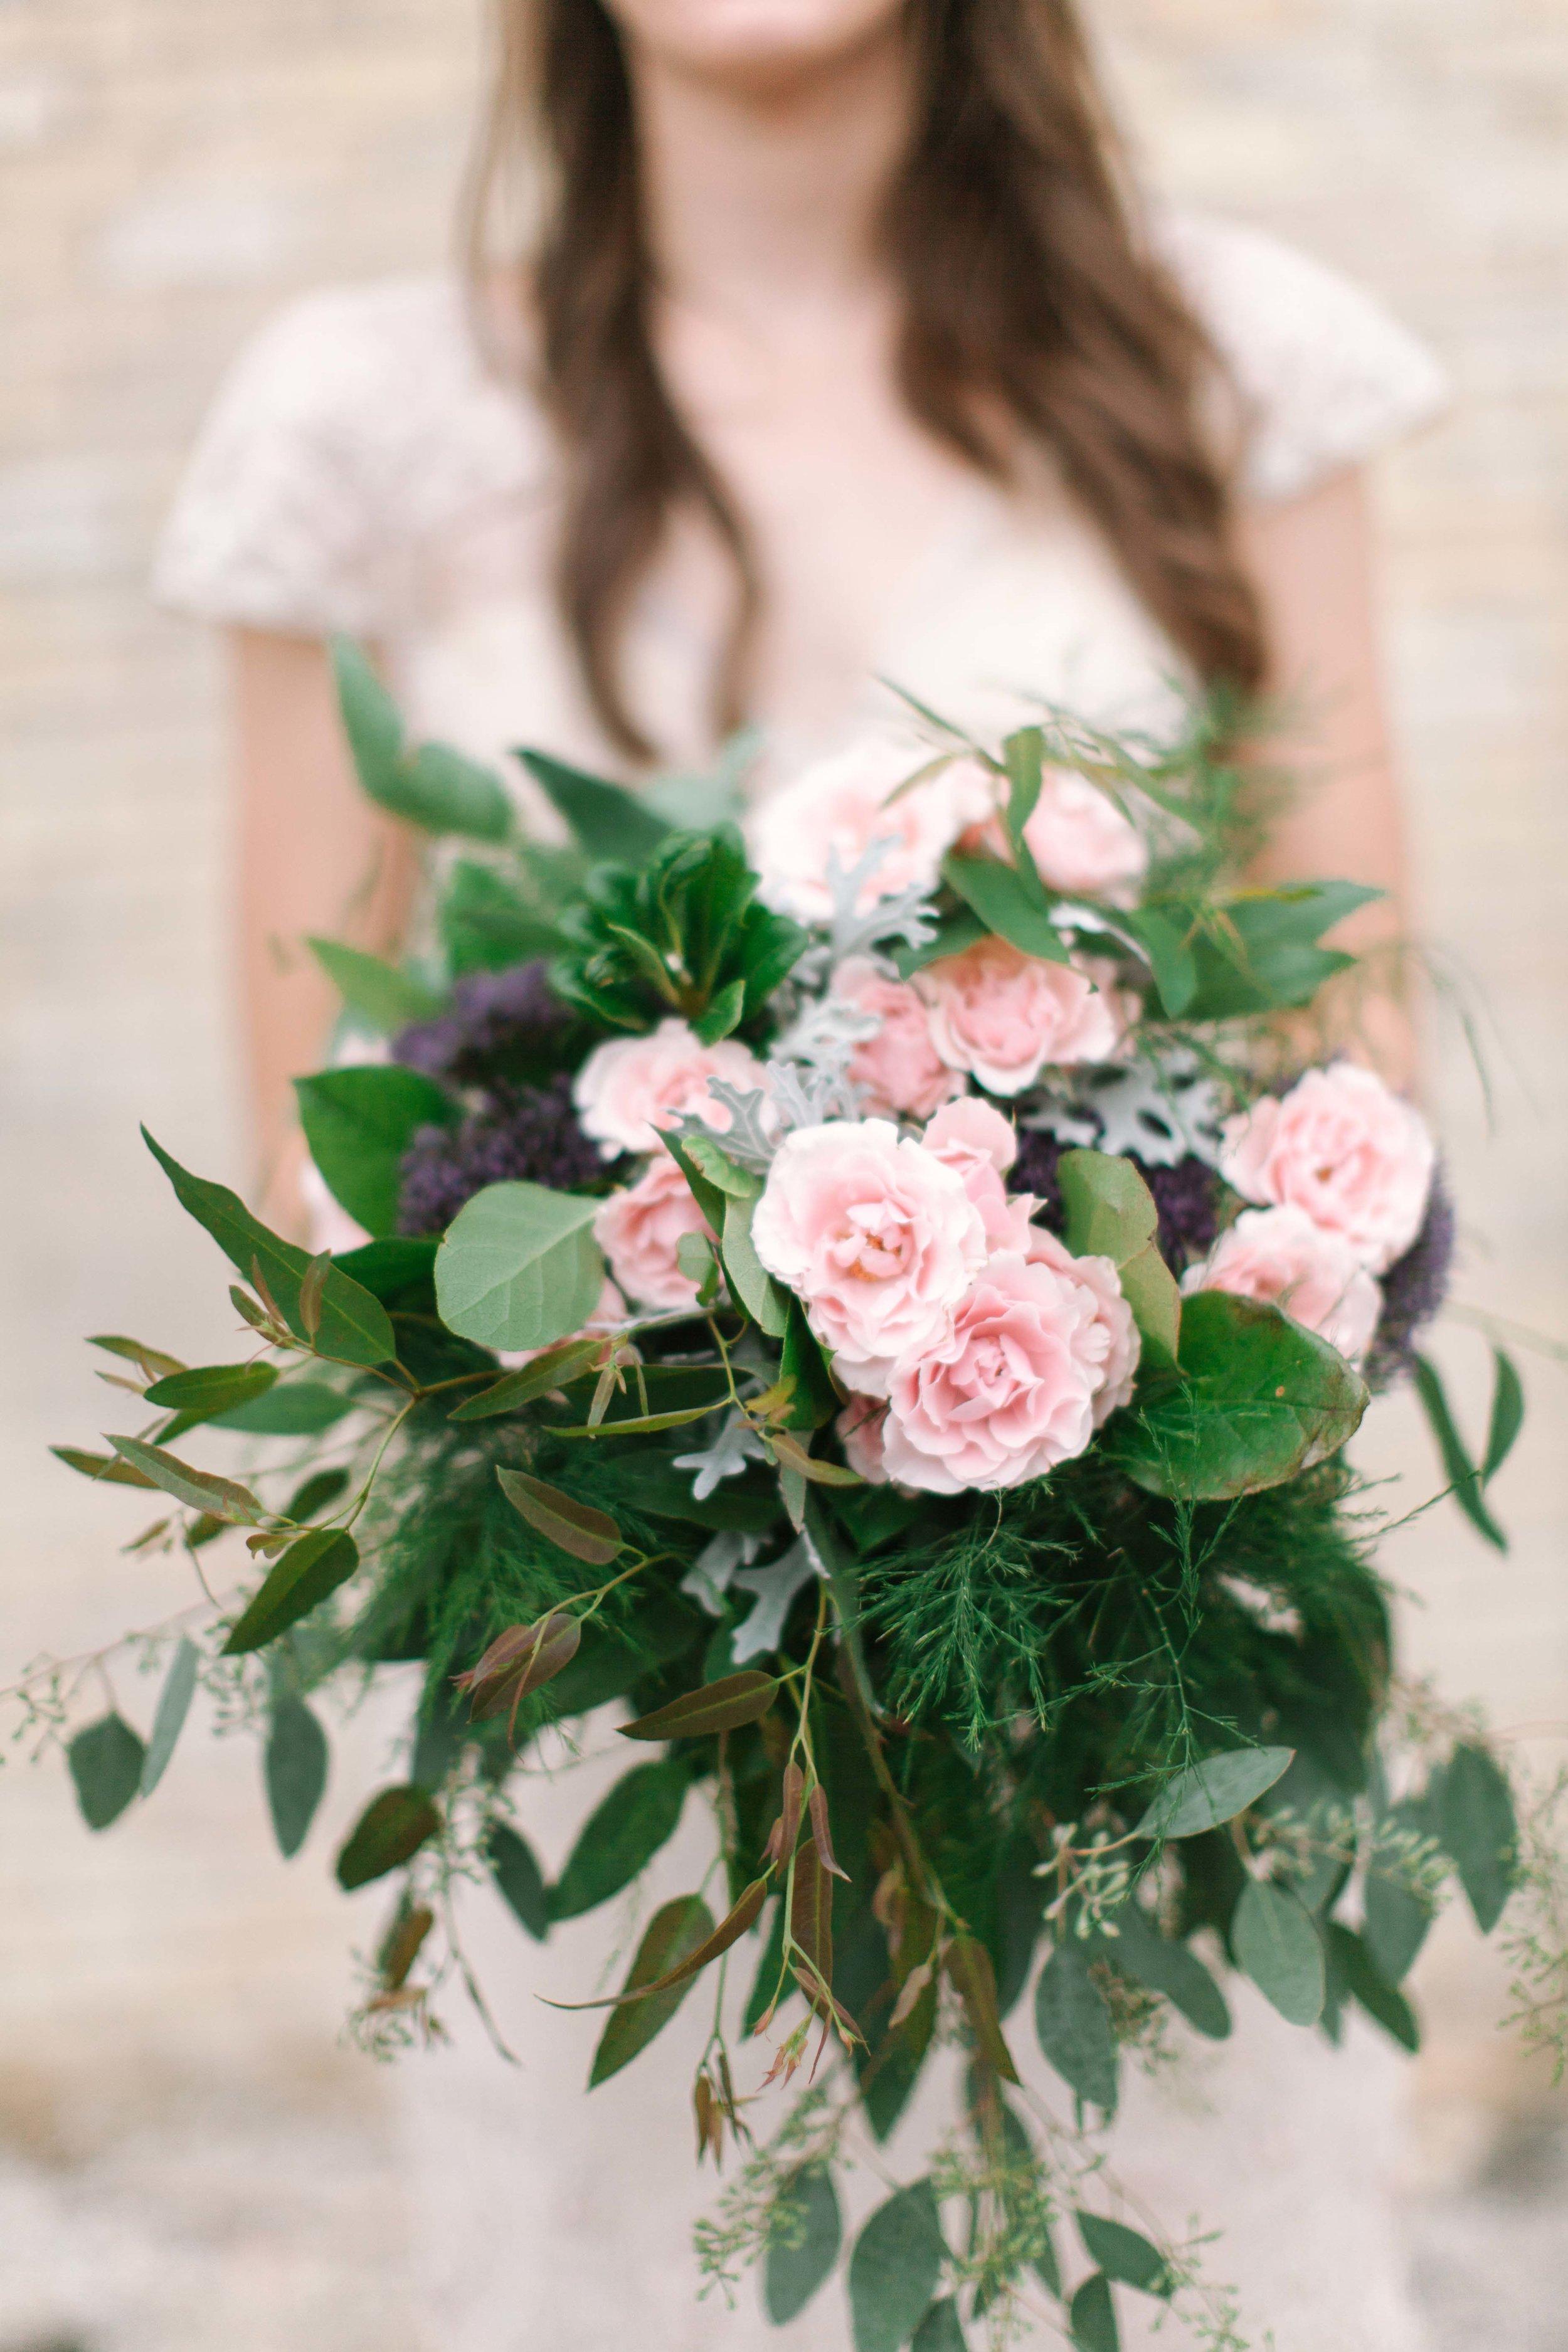 kateweinsteinphoto_clairewillie_wedding-404.jpg